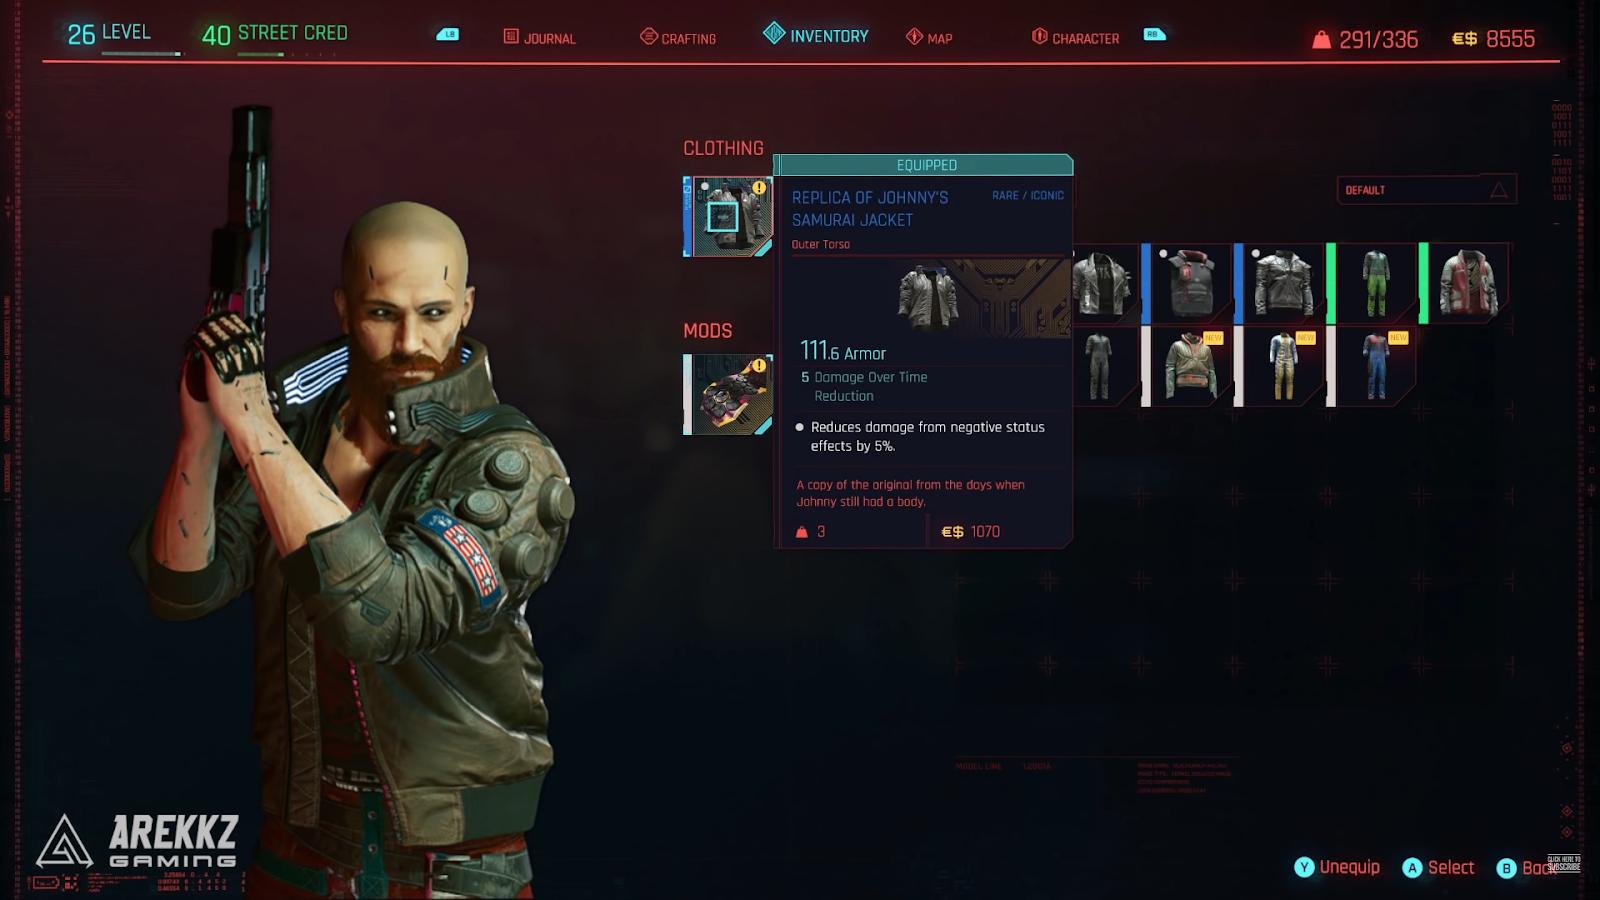 cyberpunk 2077 samurai jacket in game